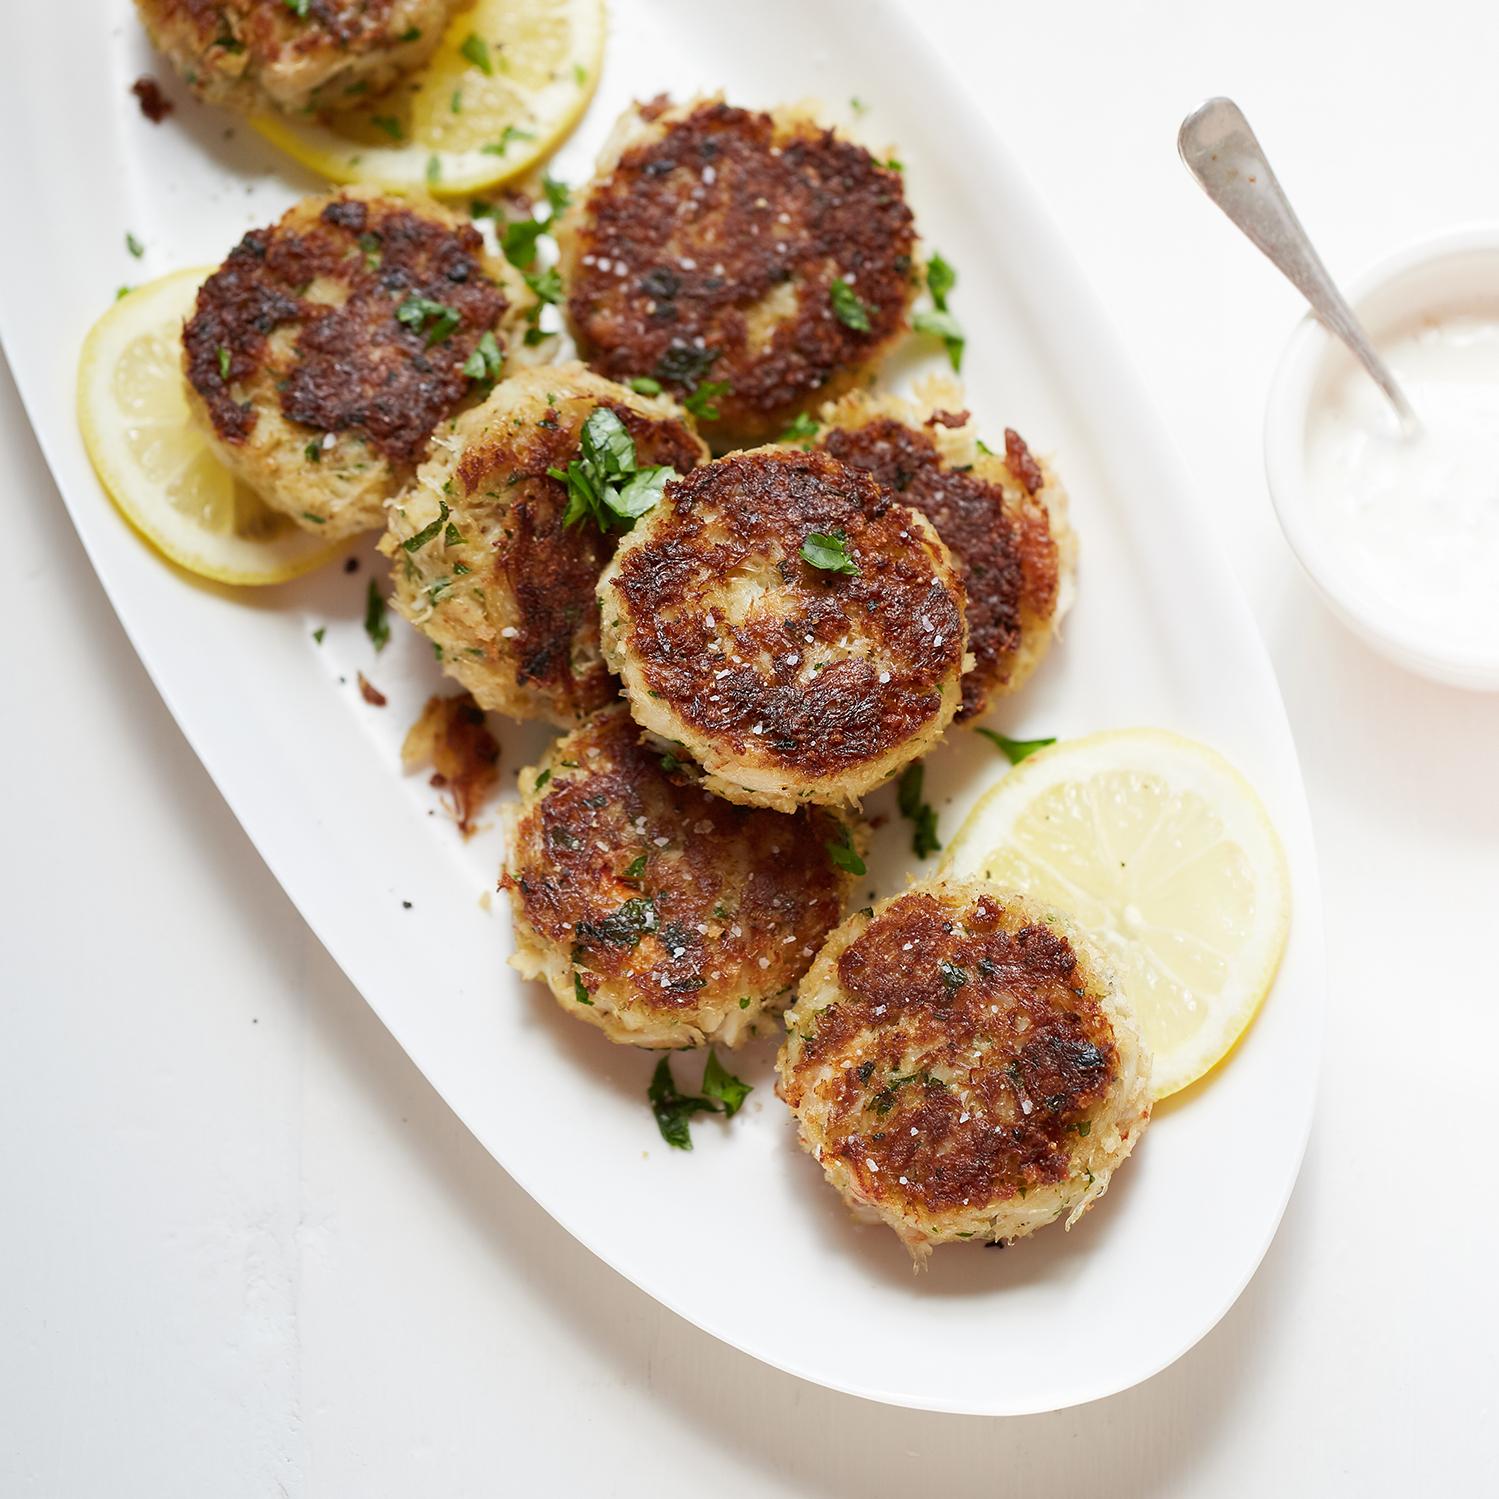 crab cakes with homemade tartar sauce